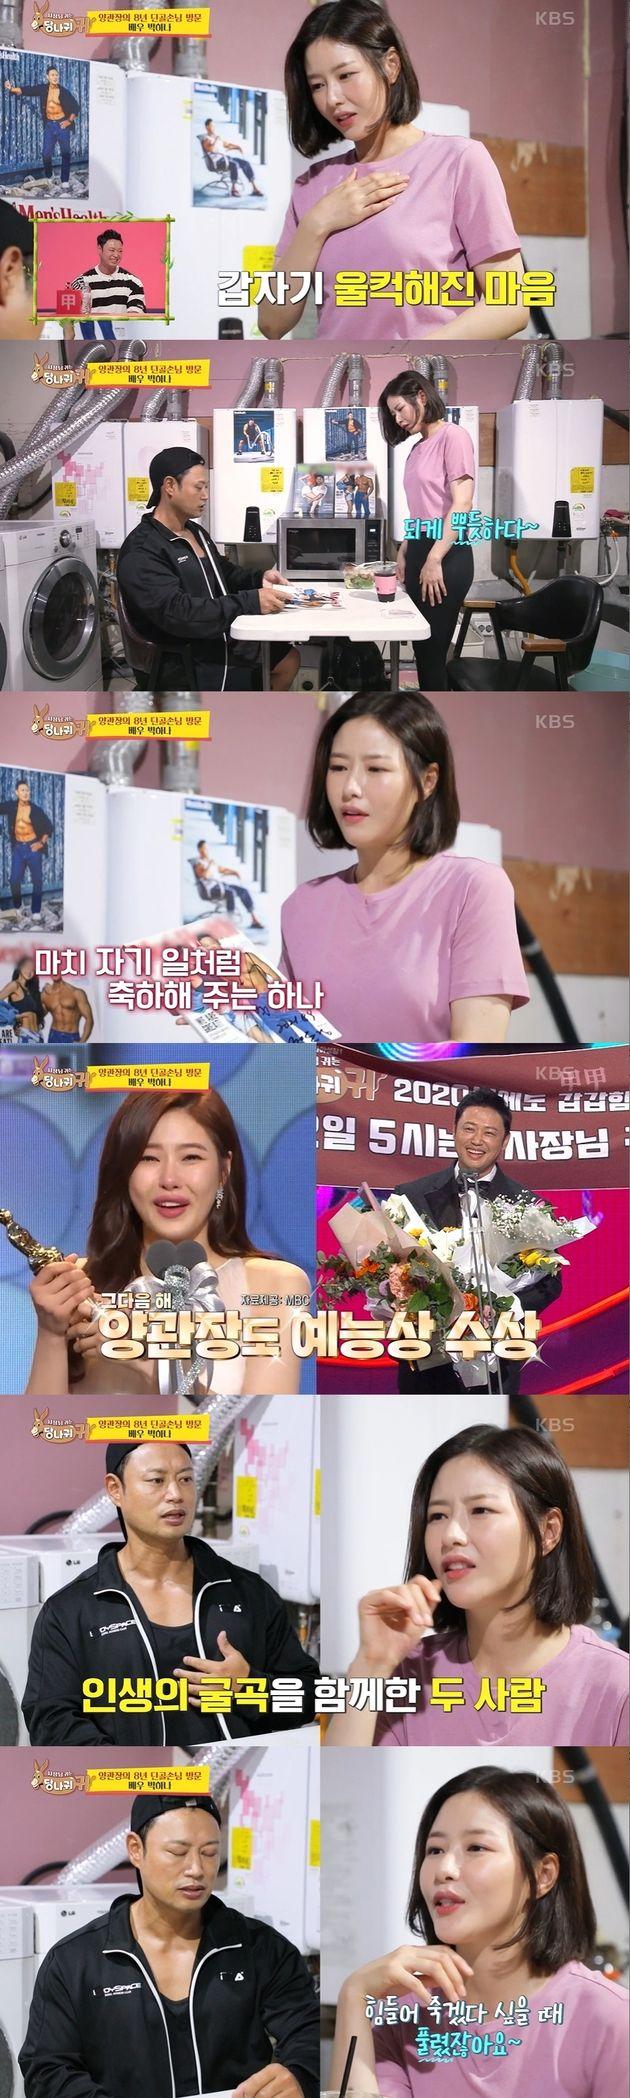 KBS 2TV '사장님 귀는 당나귀